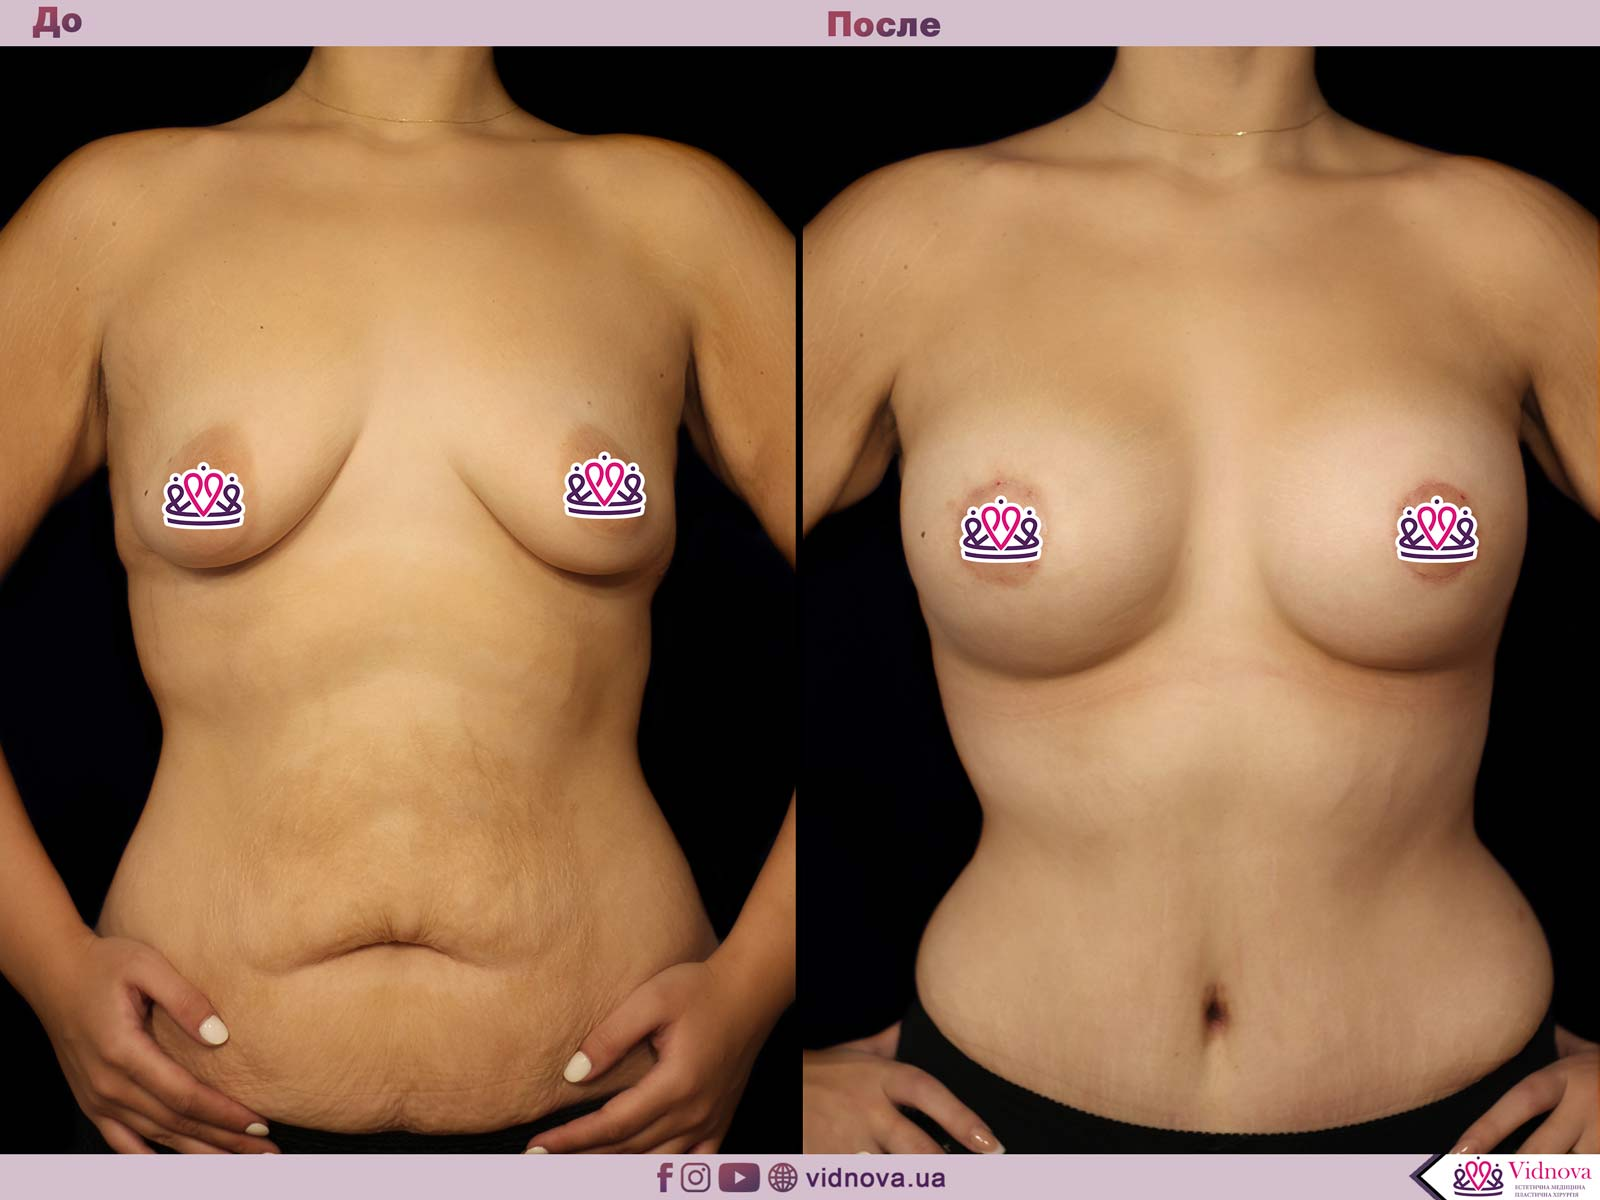 Совмещенные операции: Фото До и После - Пример №6-1 - Клиника Vidnova